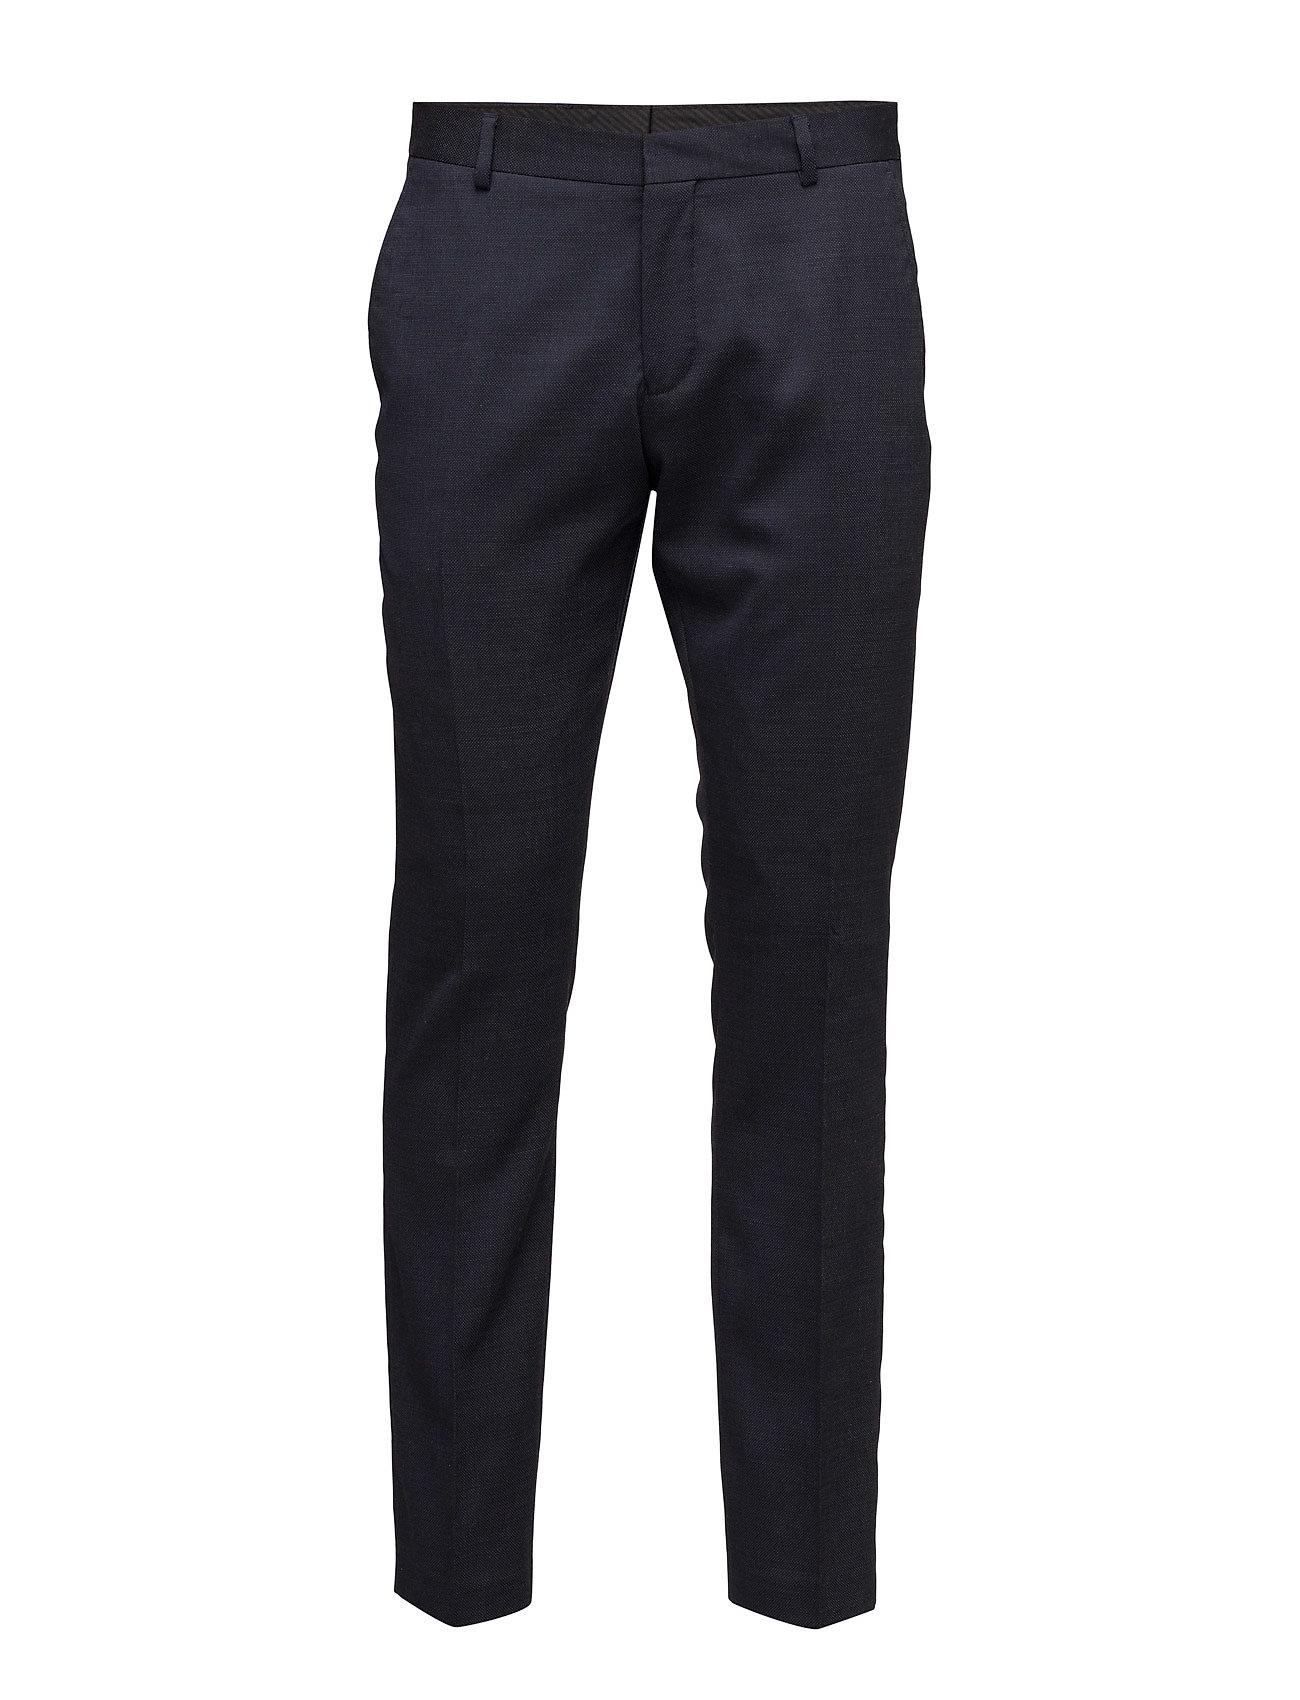 Shdone-Mylorex3 Dk Navy Trouser Noos Selected Homme Formelle til Herrer i Mørk Navy